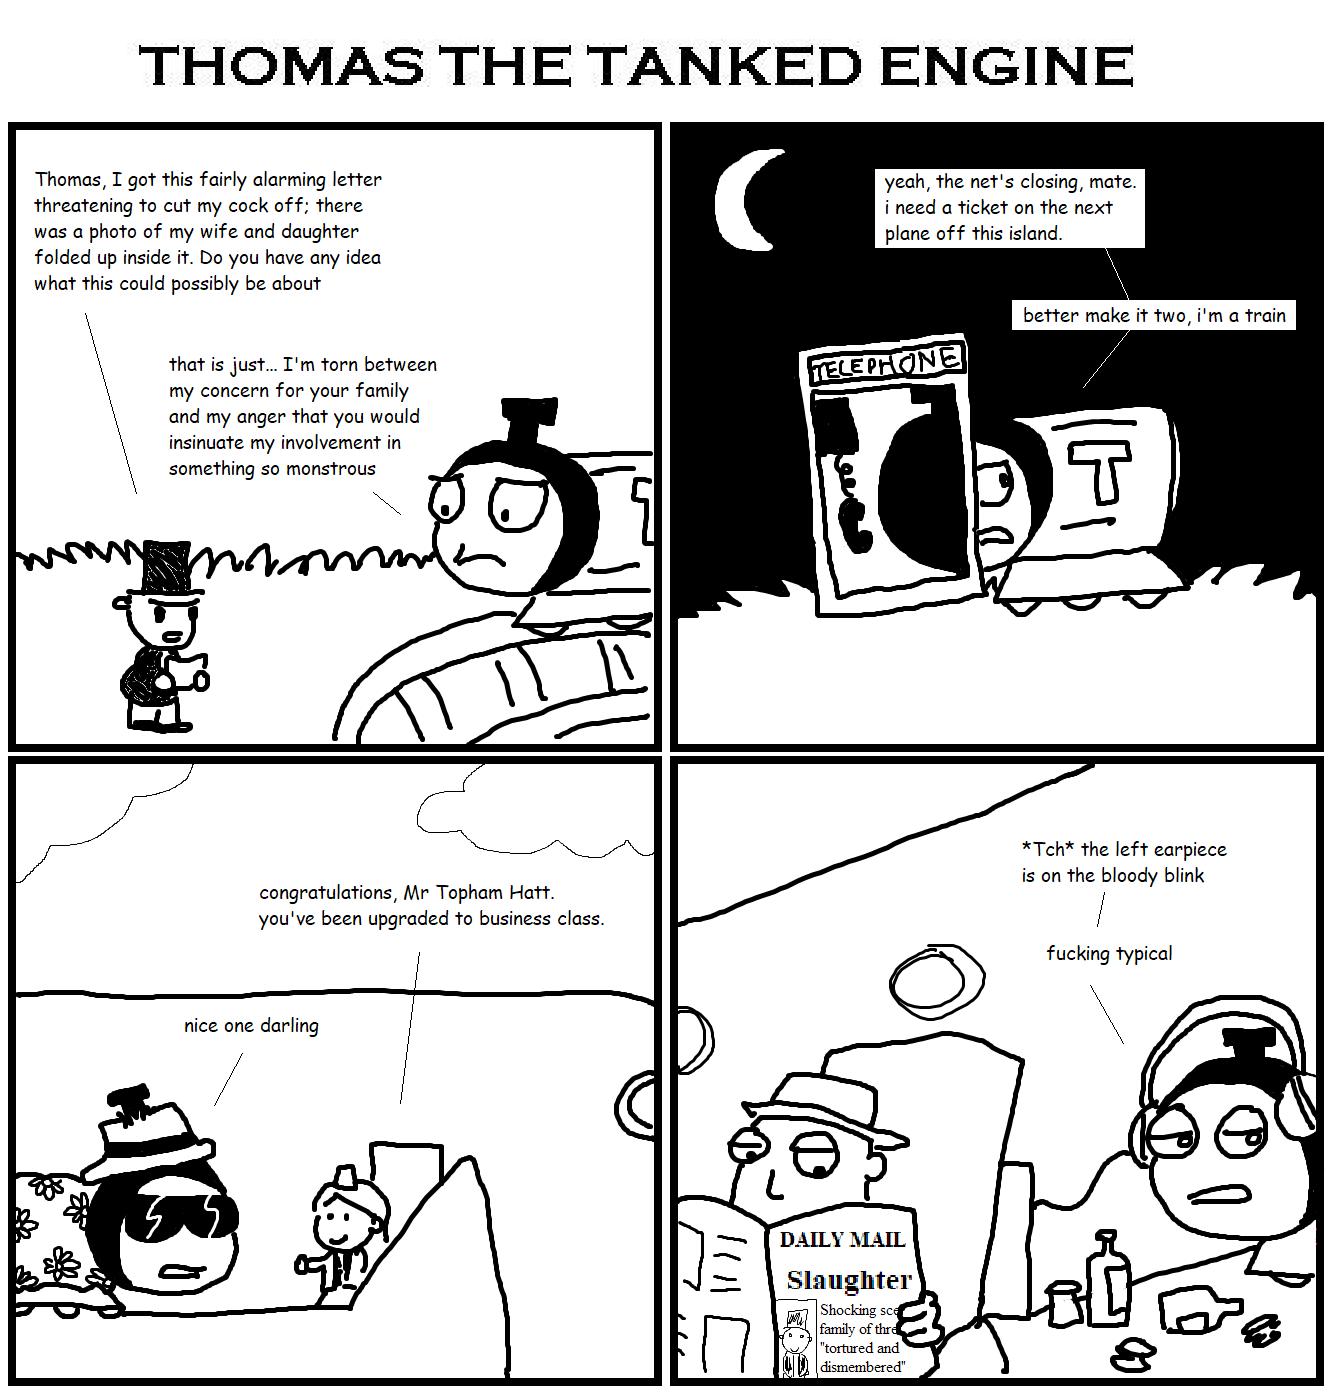 thomastanked17